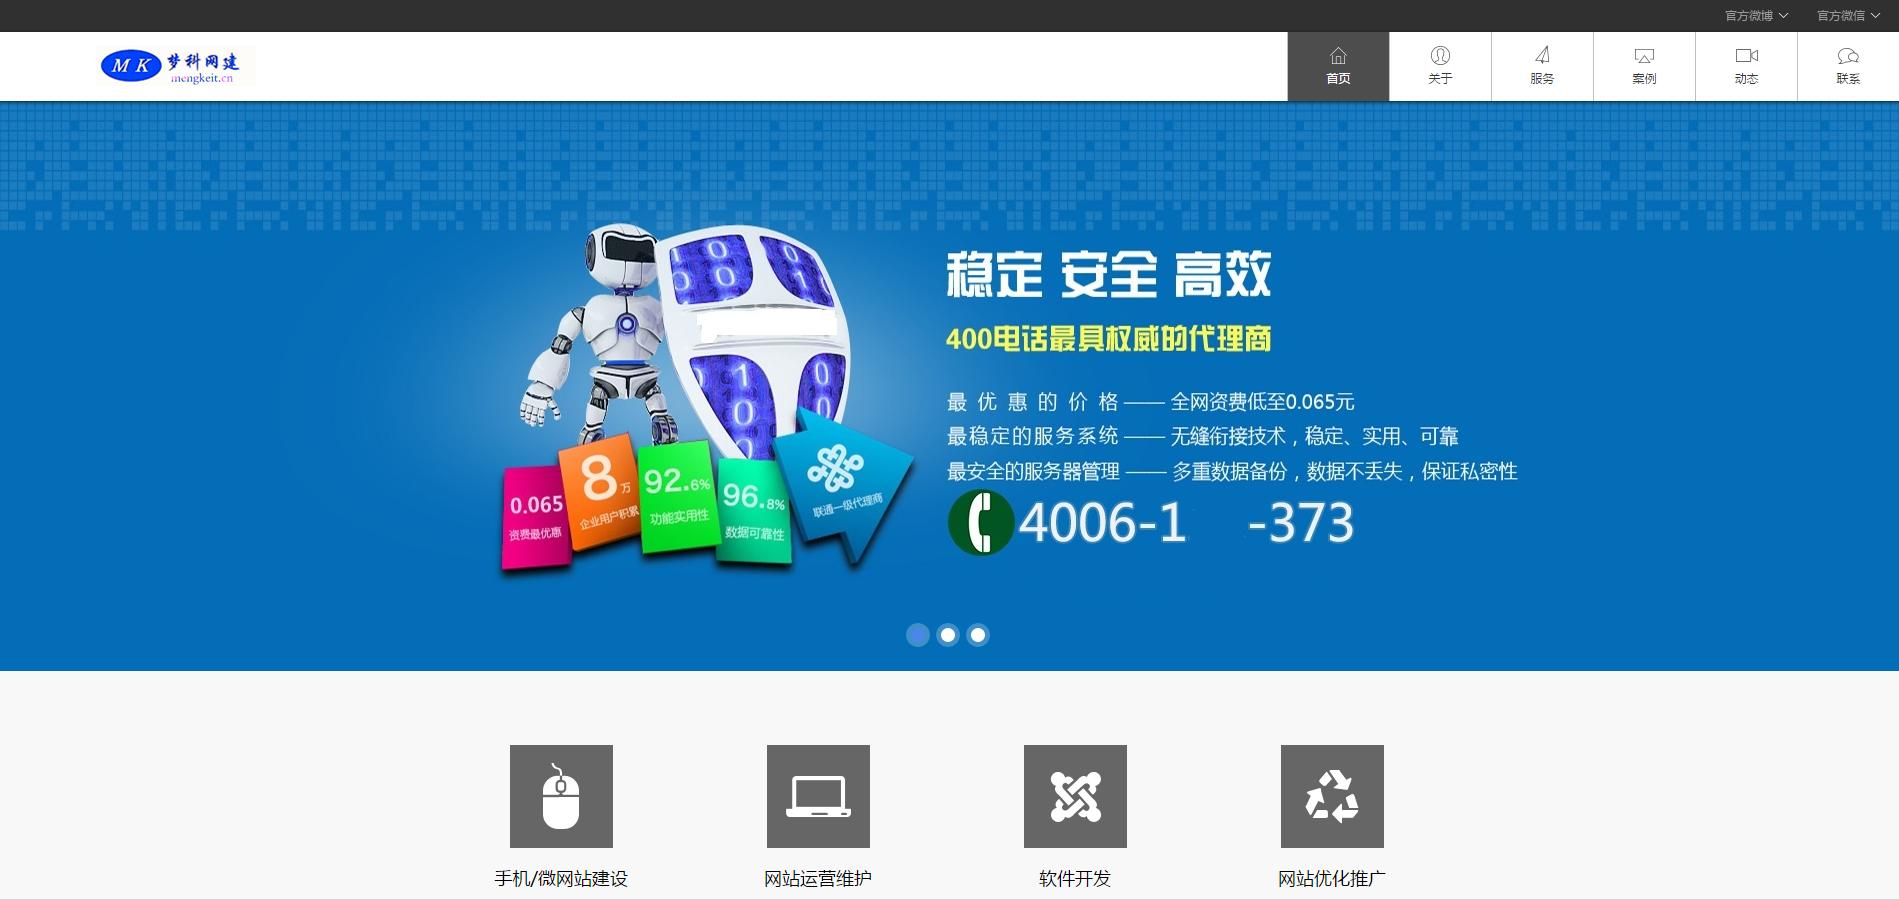 宽屏大气网络科技公司网站模板下载